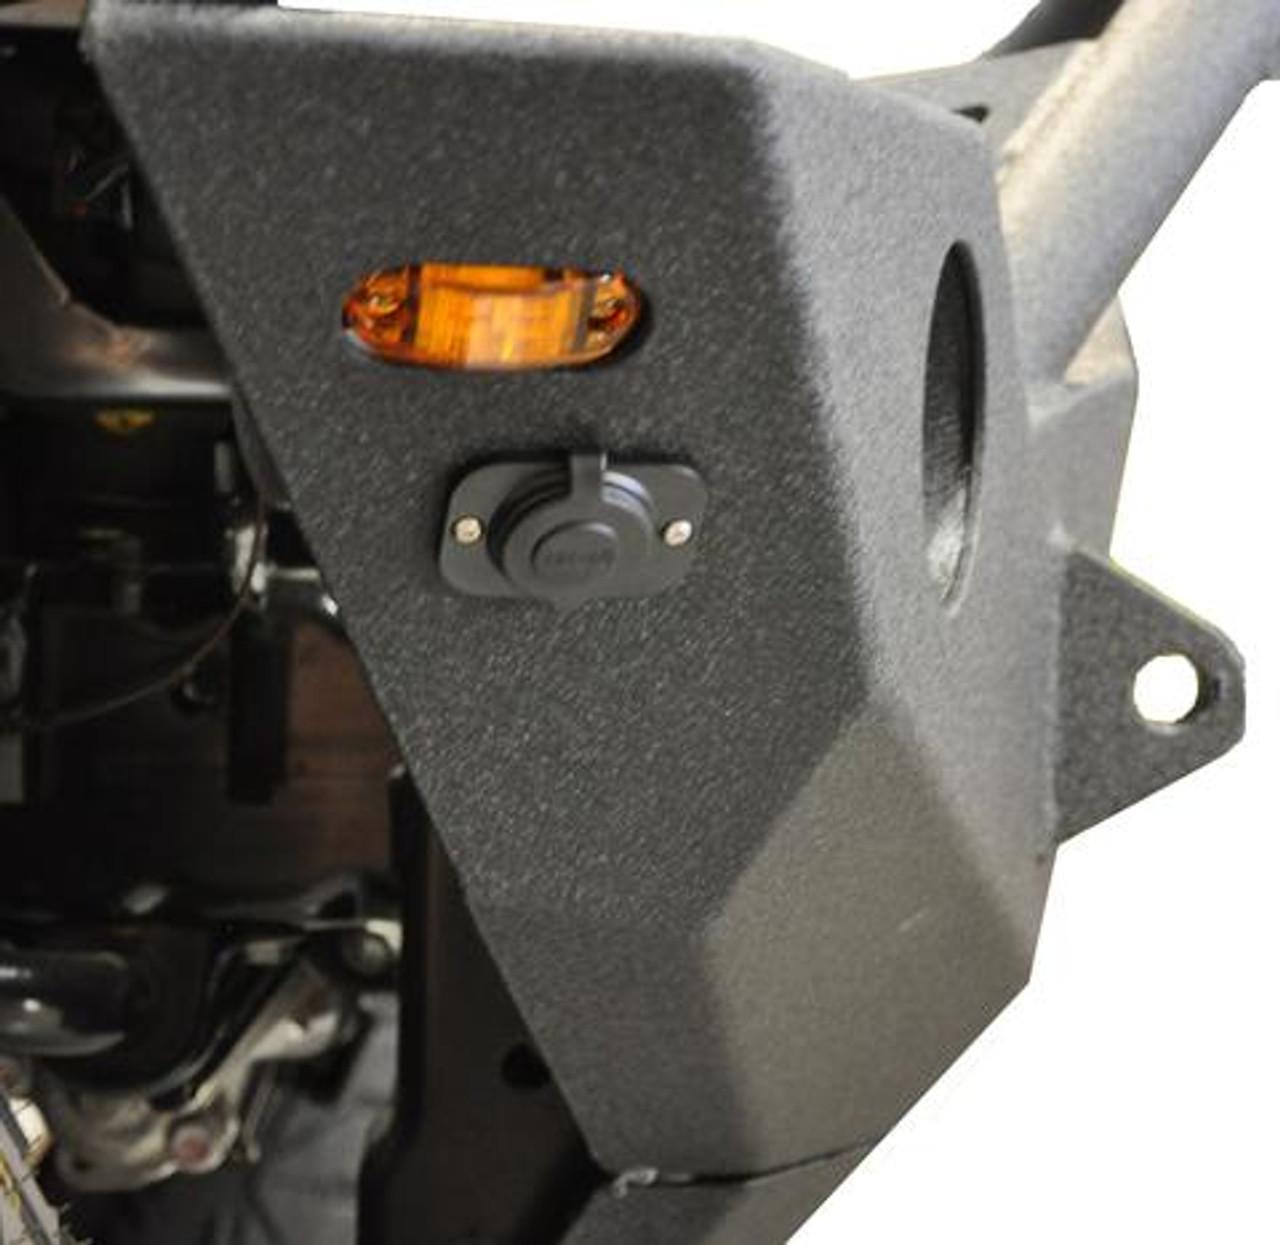 DV8 Offroad FBSHTB-18 FS-18 Hammer Forged Front Bumper for Jeep Wrangler JK & JL 2007+